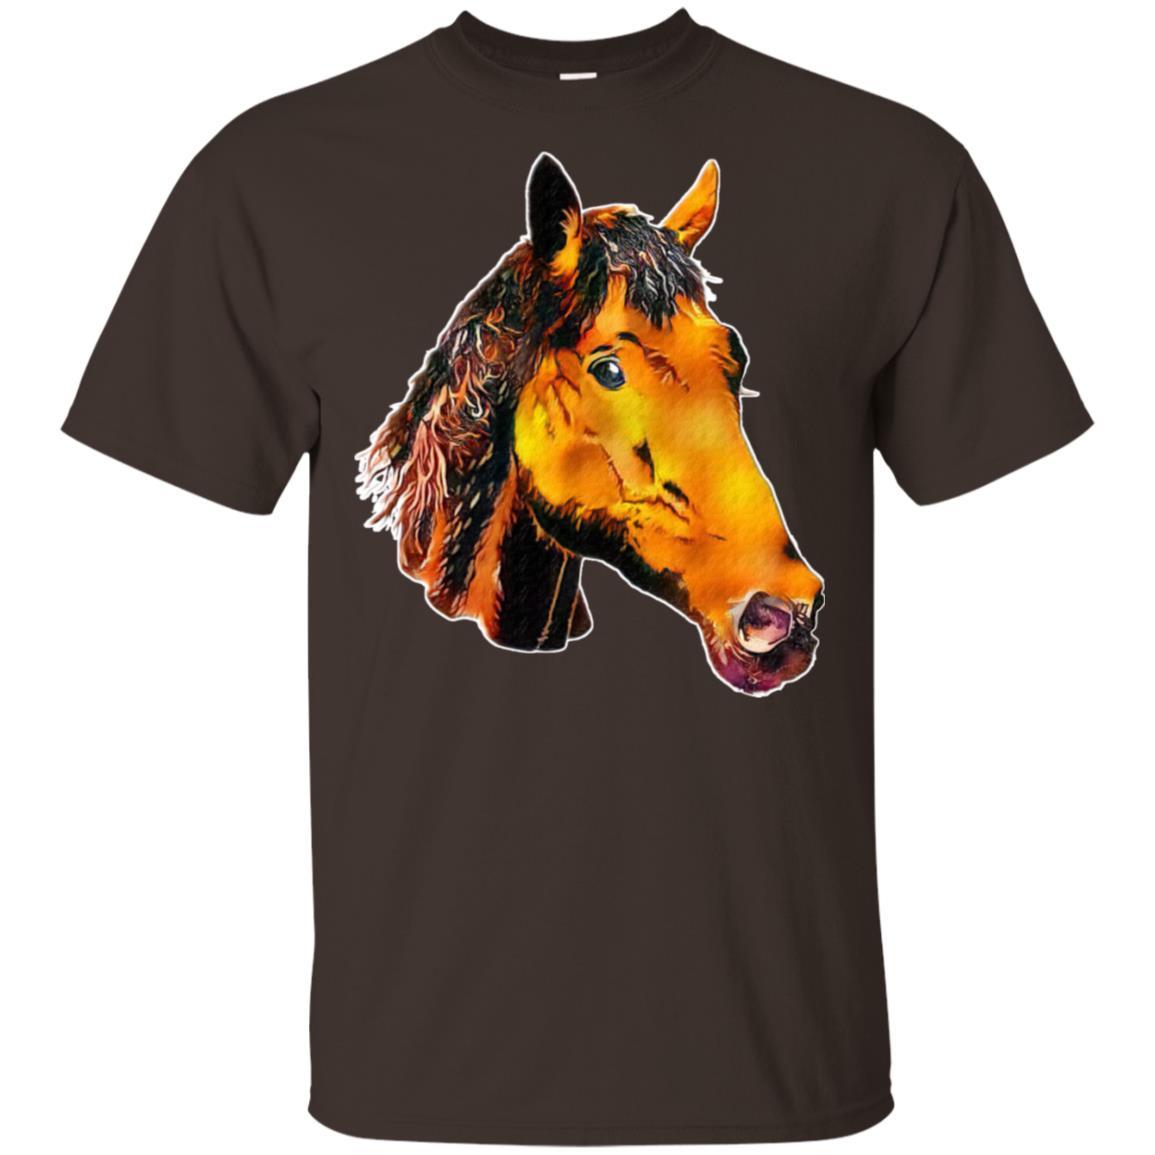 Horse for Girls Women Gifts Horses Horseback Riding Unisex Short Sleeve